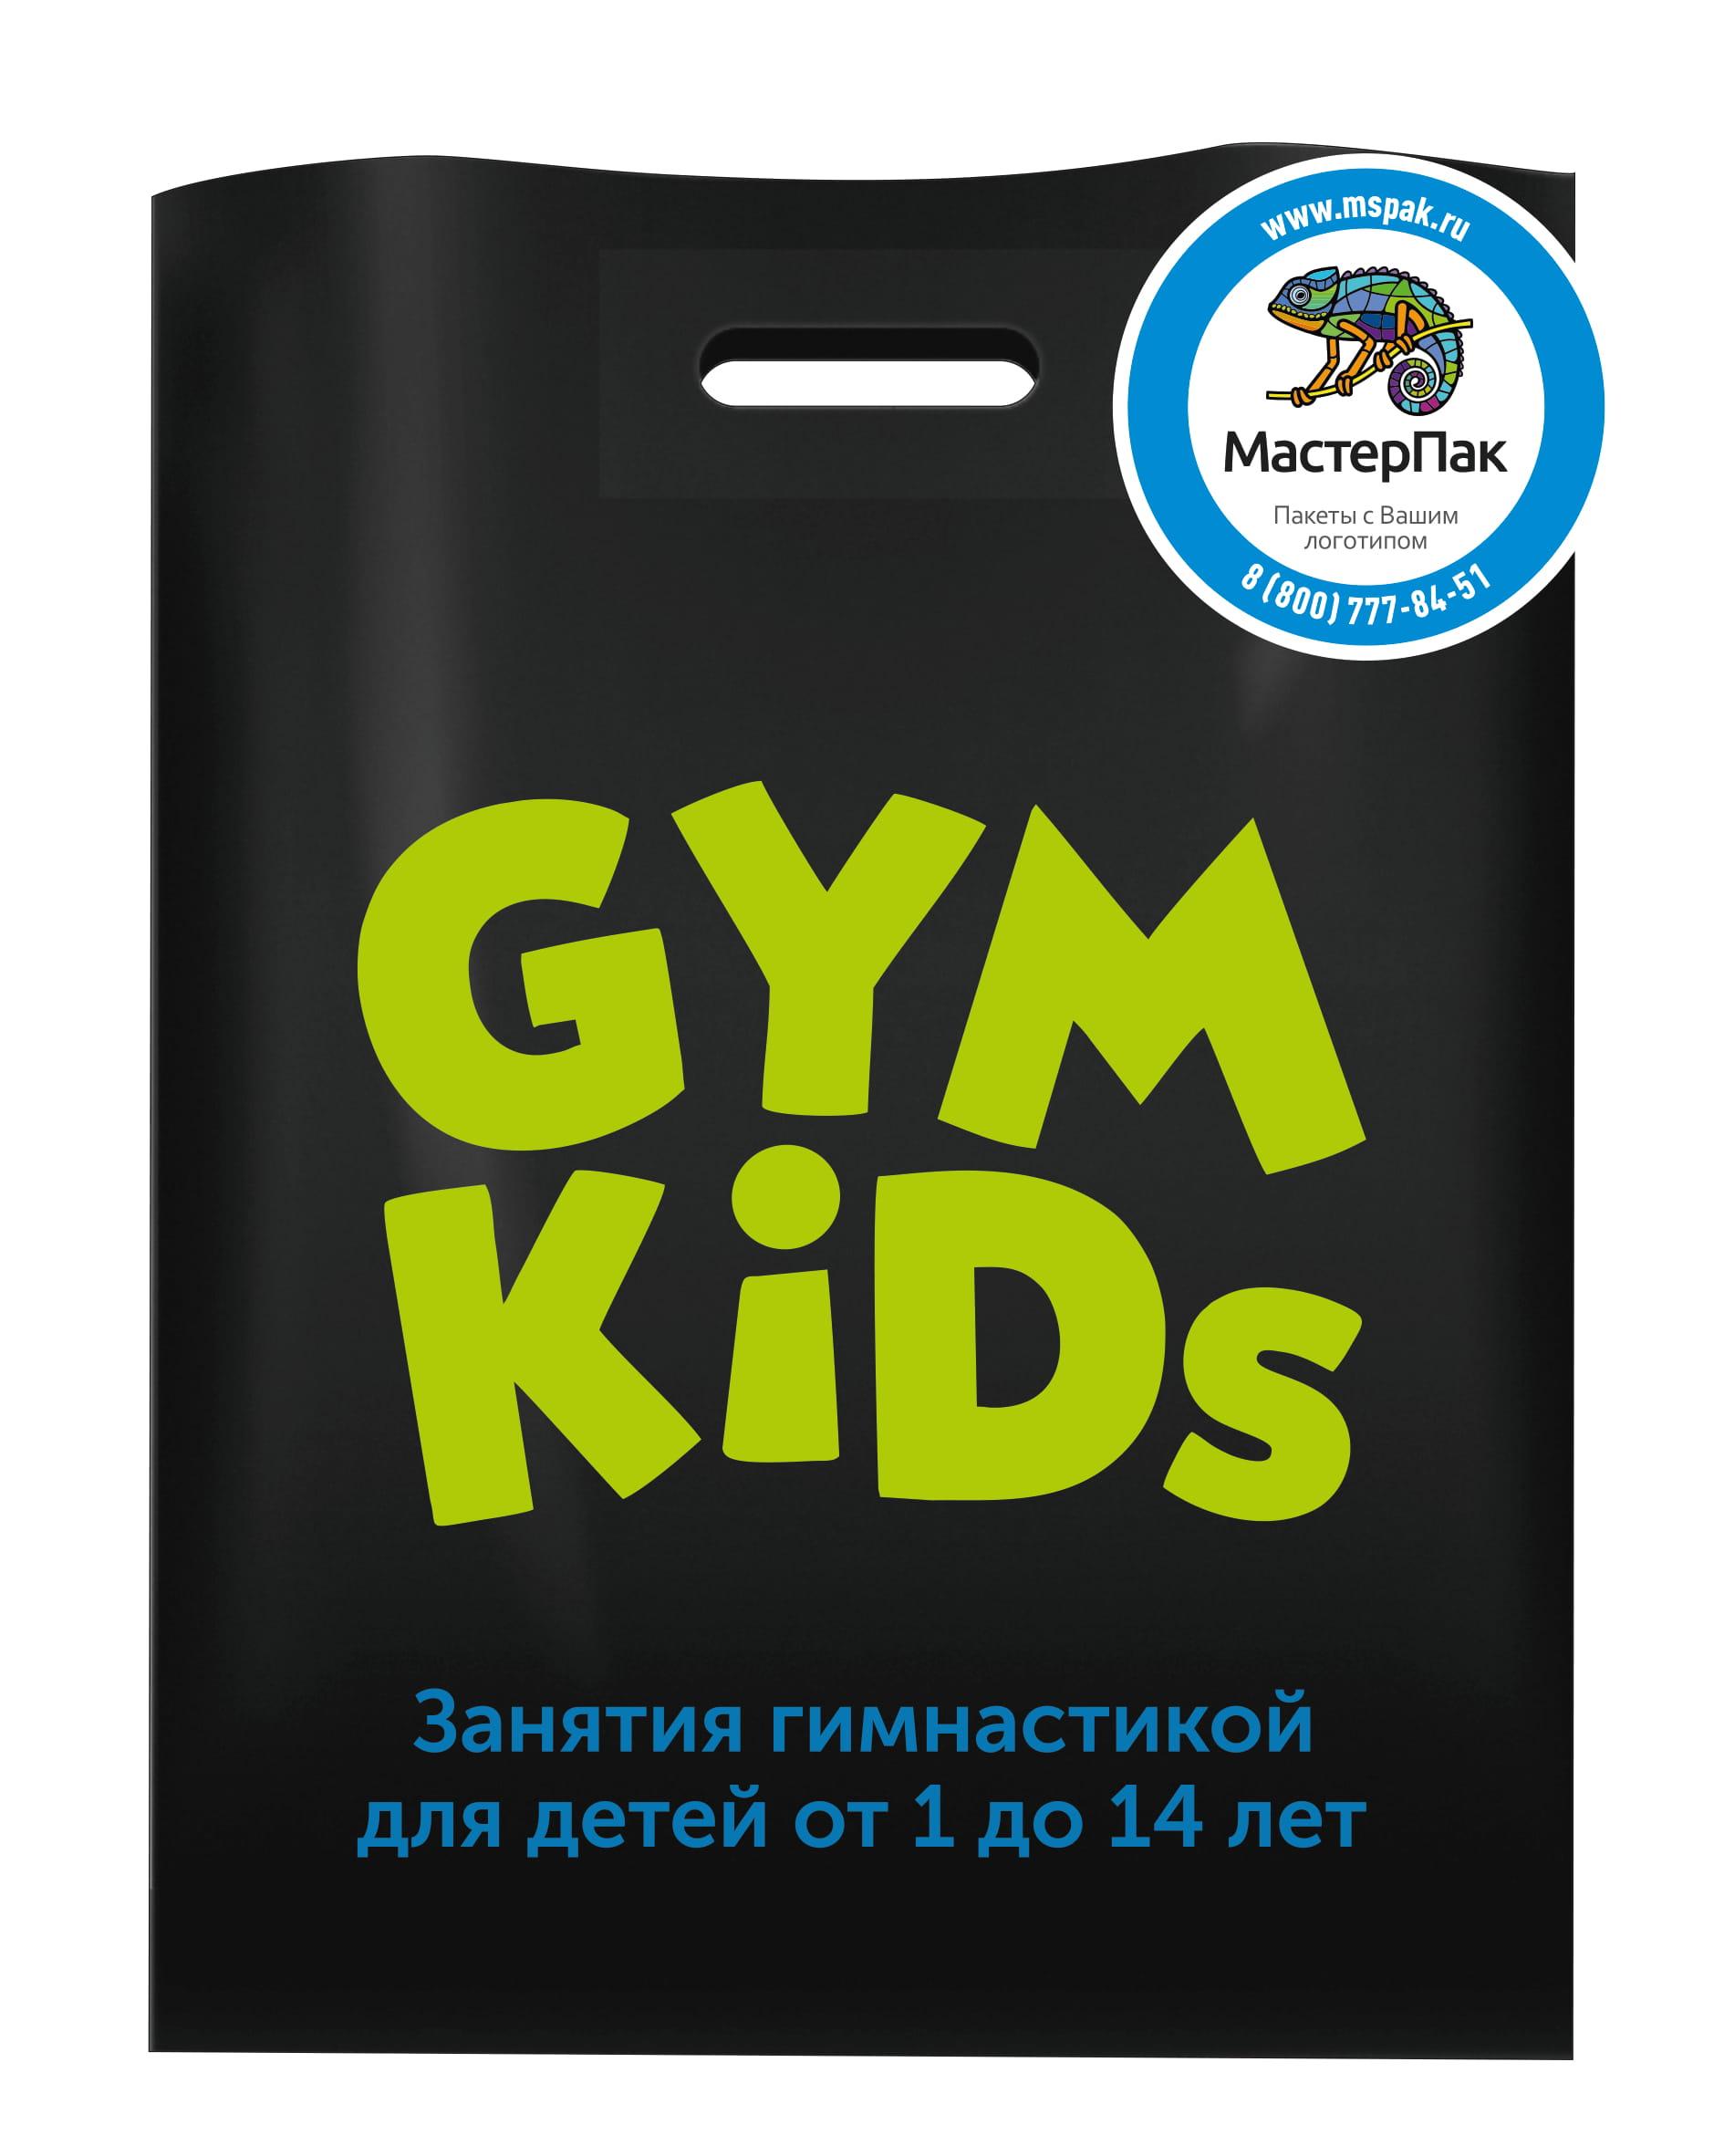 Пакет ПВД черный, с ручкой и логотипом GYM KIDs, Москва, 70 мкм, 30*40